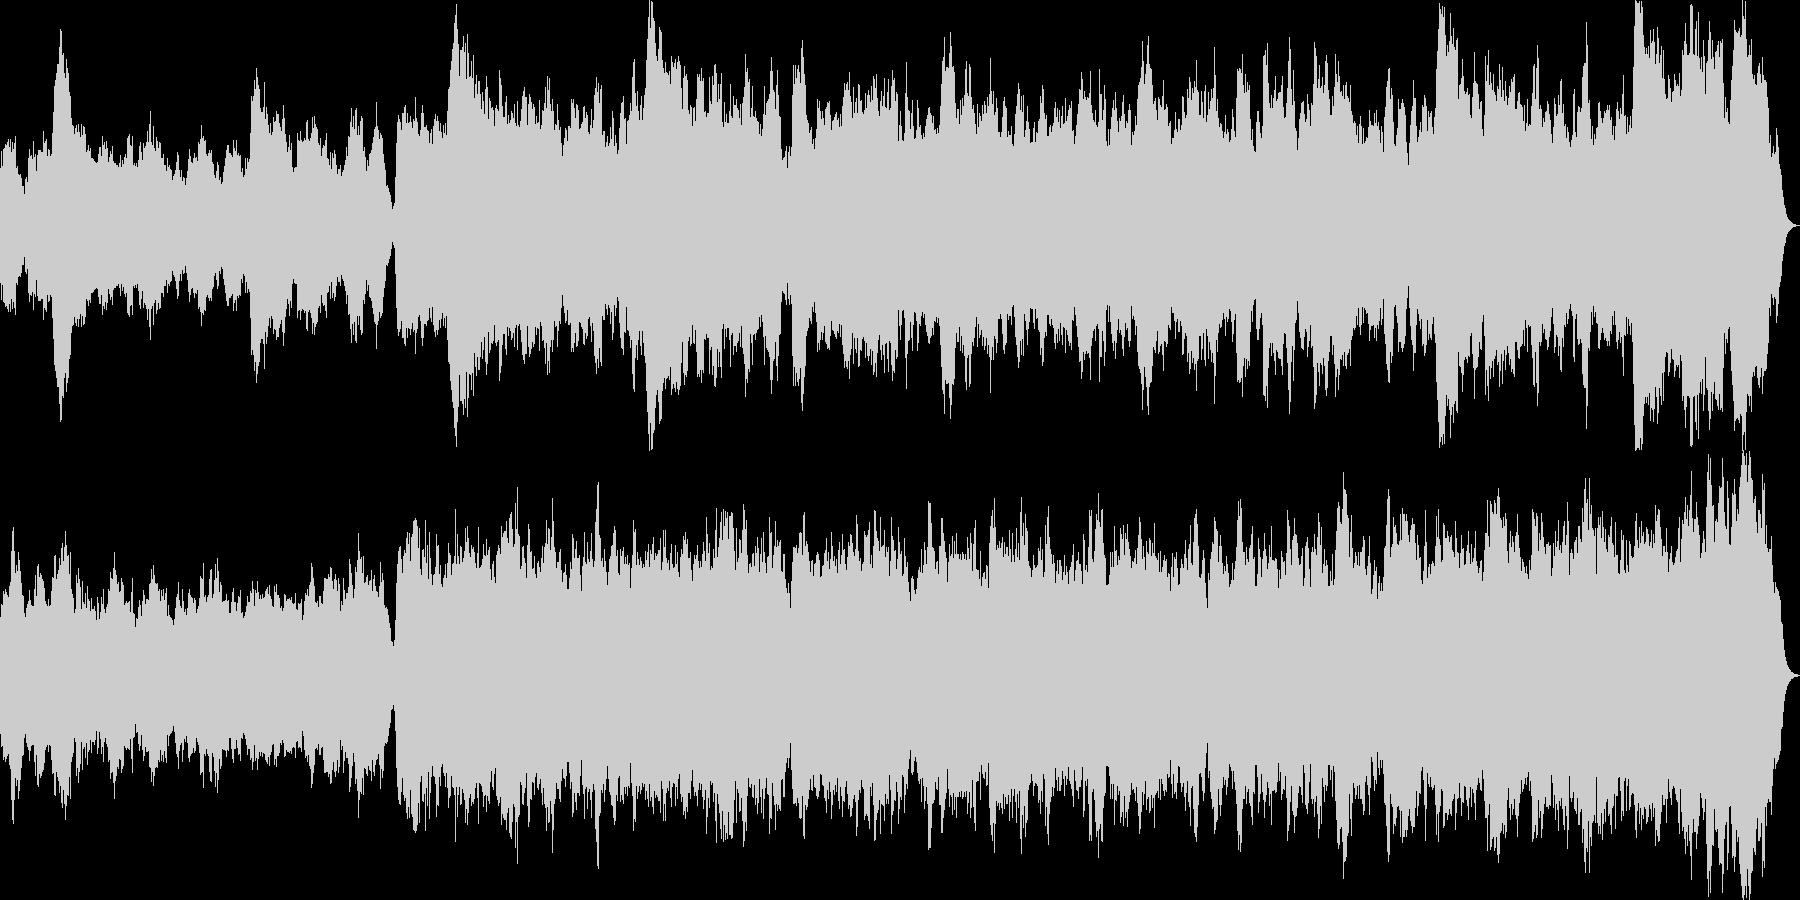 パイプオルガンの厚みのある壮大な前奏曲の未再生の波形